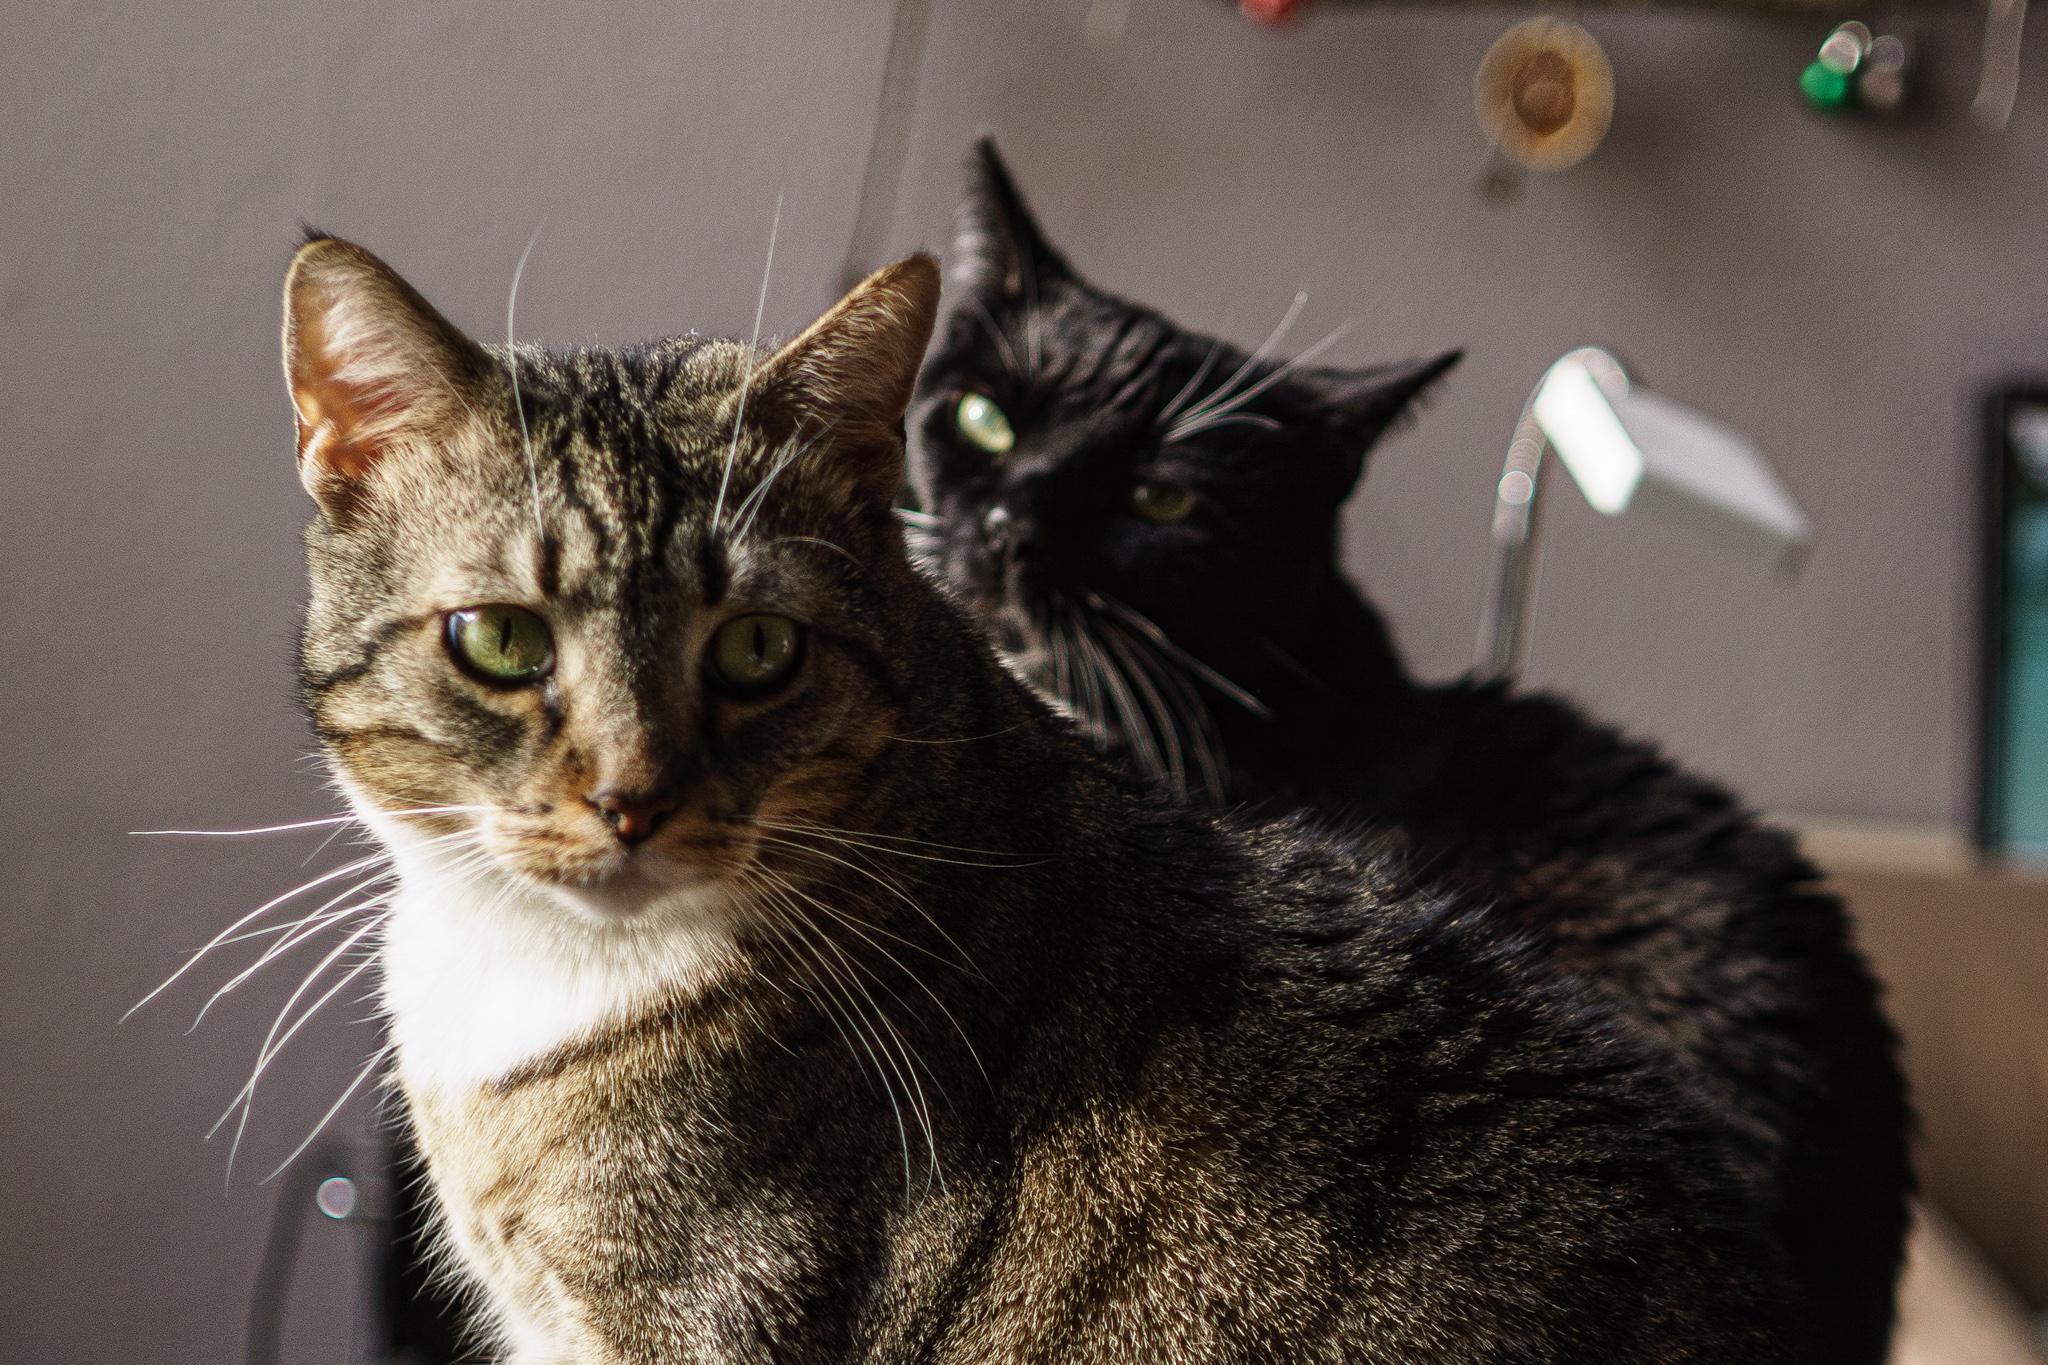 Warnung: Cat Content